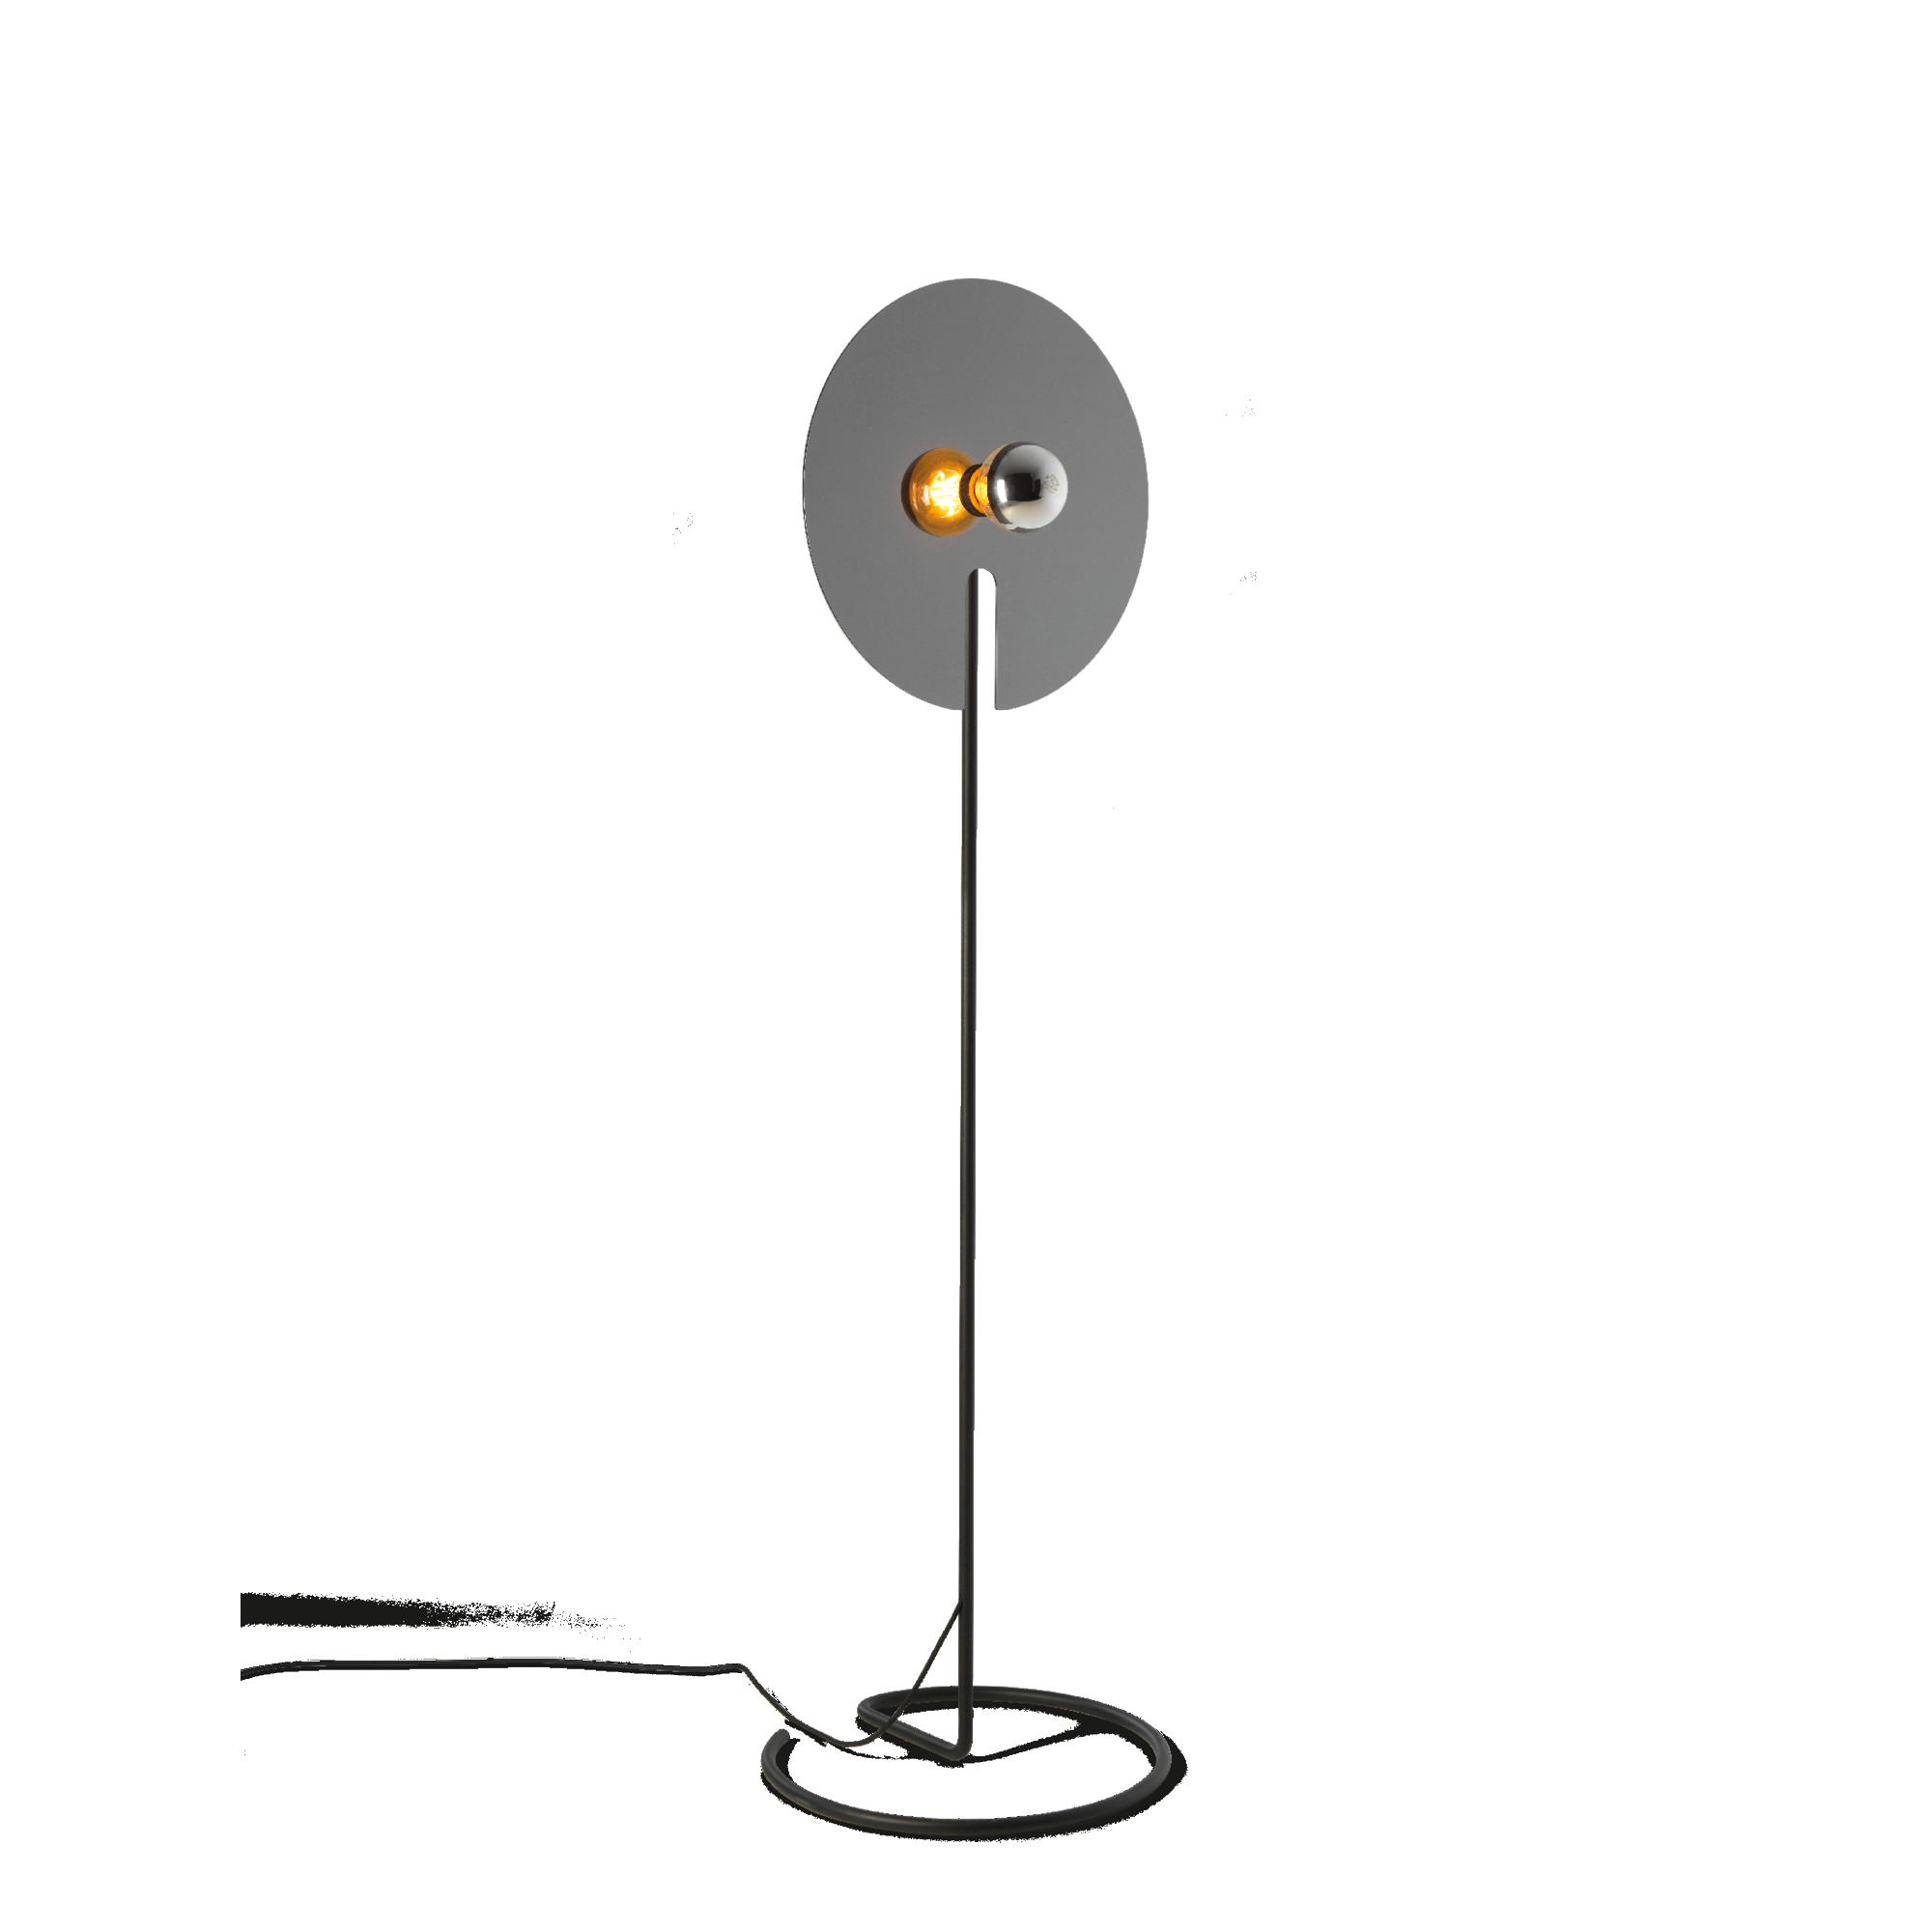 מנורת עמידה נורה חשופה דיסקית מתכת עגולה